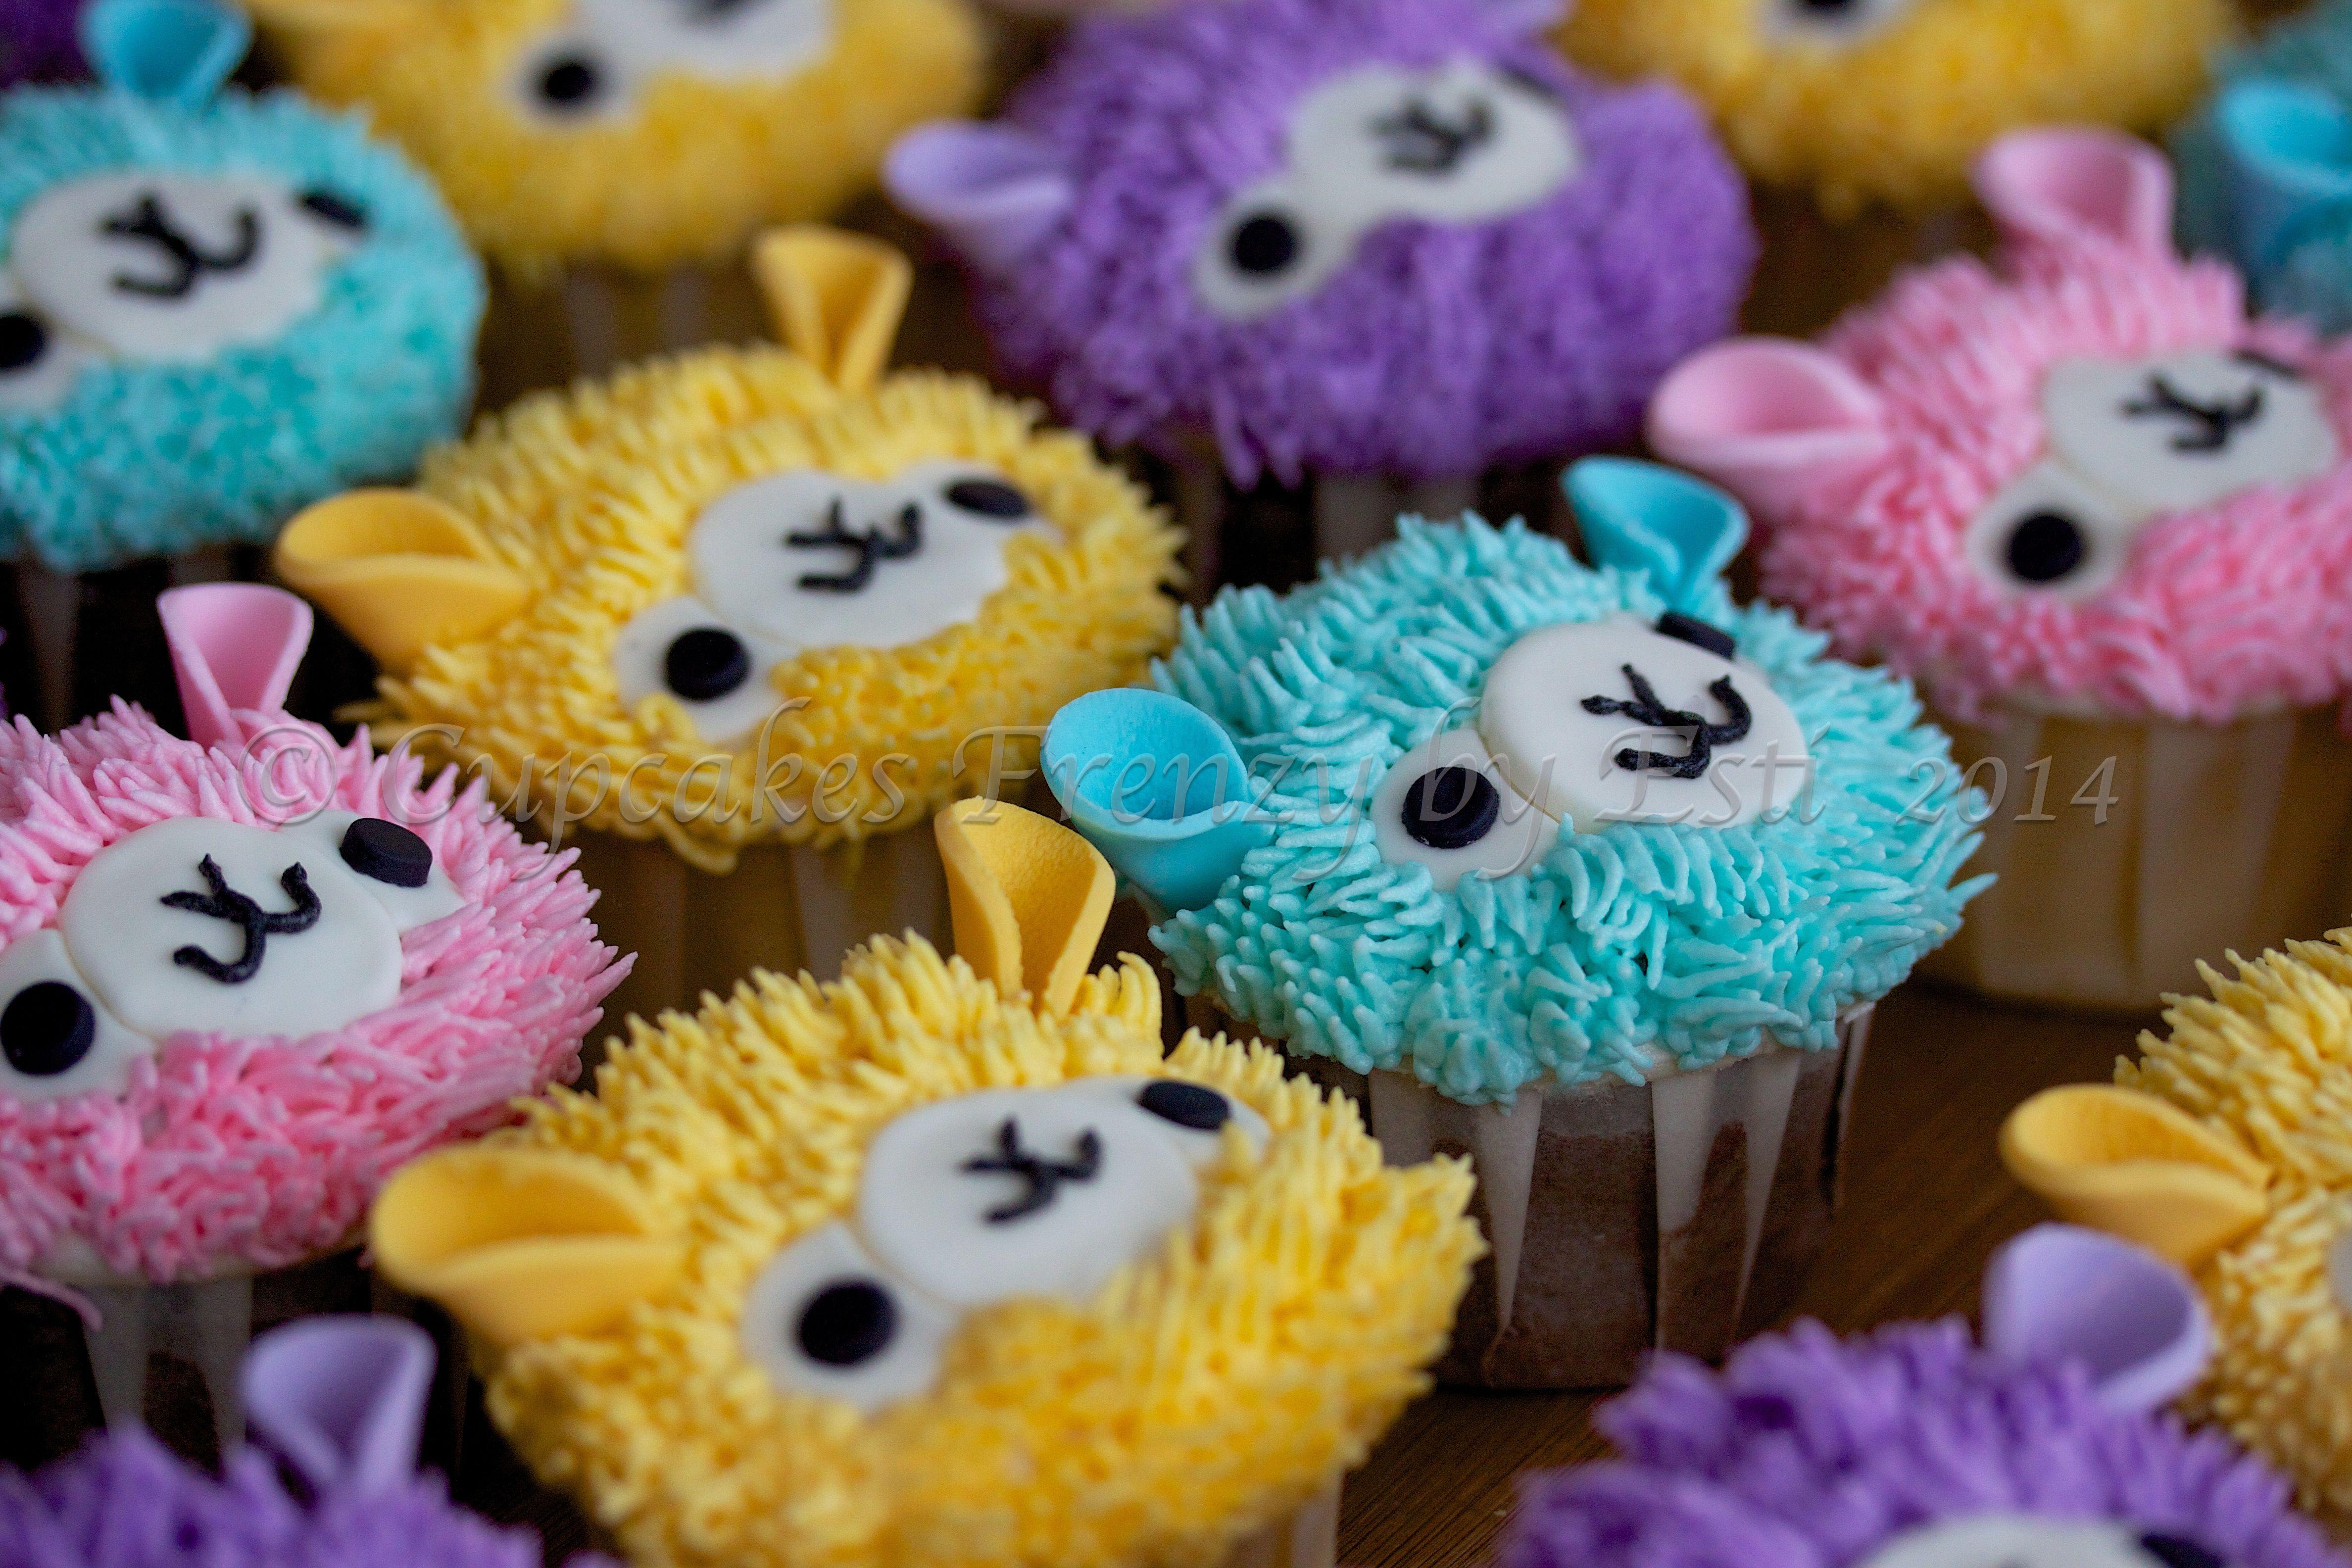 Esti 2014 MG 4728 Birthday Cupcakes Dad Cakes 12th Parties